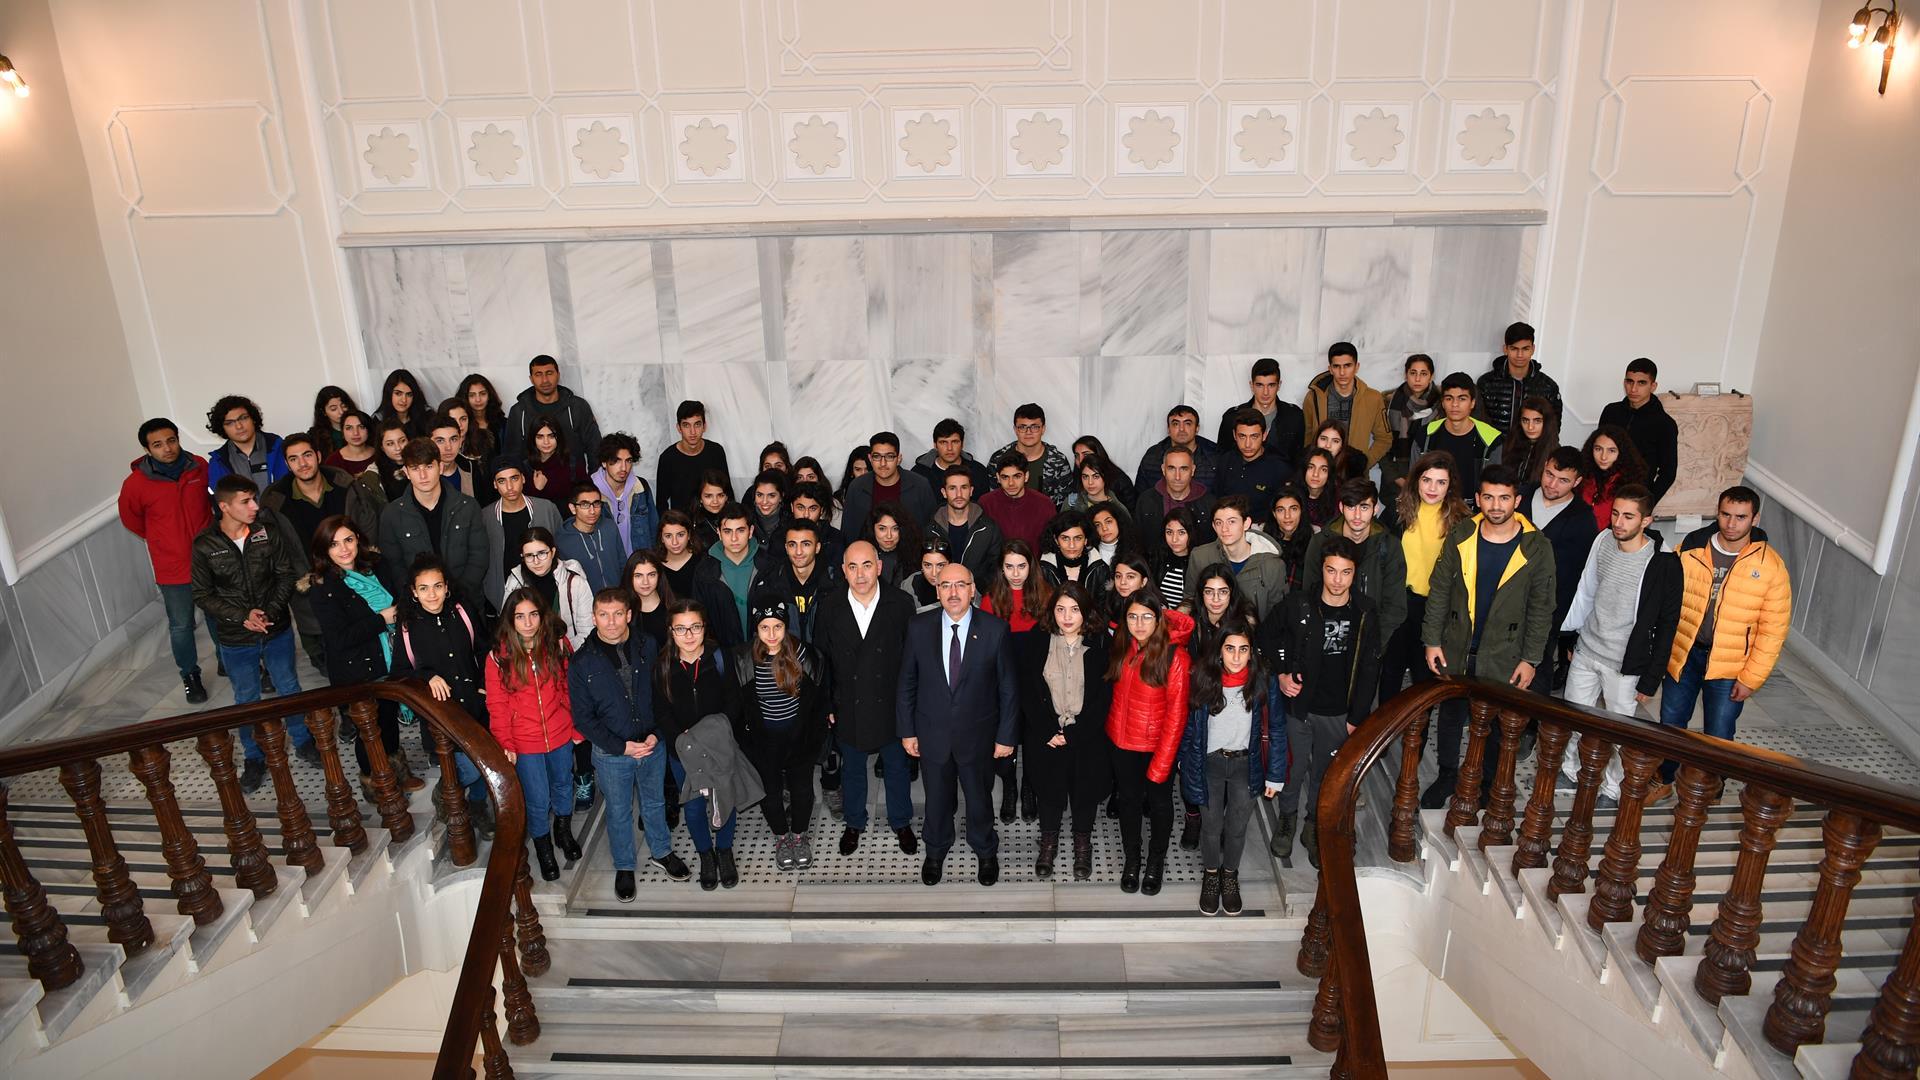 Tunceli'de-Eğitim-Gören-Öğrenciler--İstanbul-Üniversitesi'ni-Ziyaret-Etmeye-Devam-Ediyor